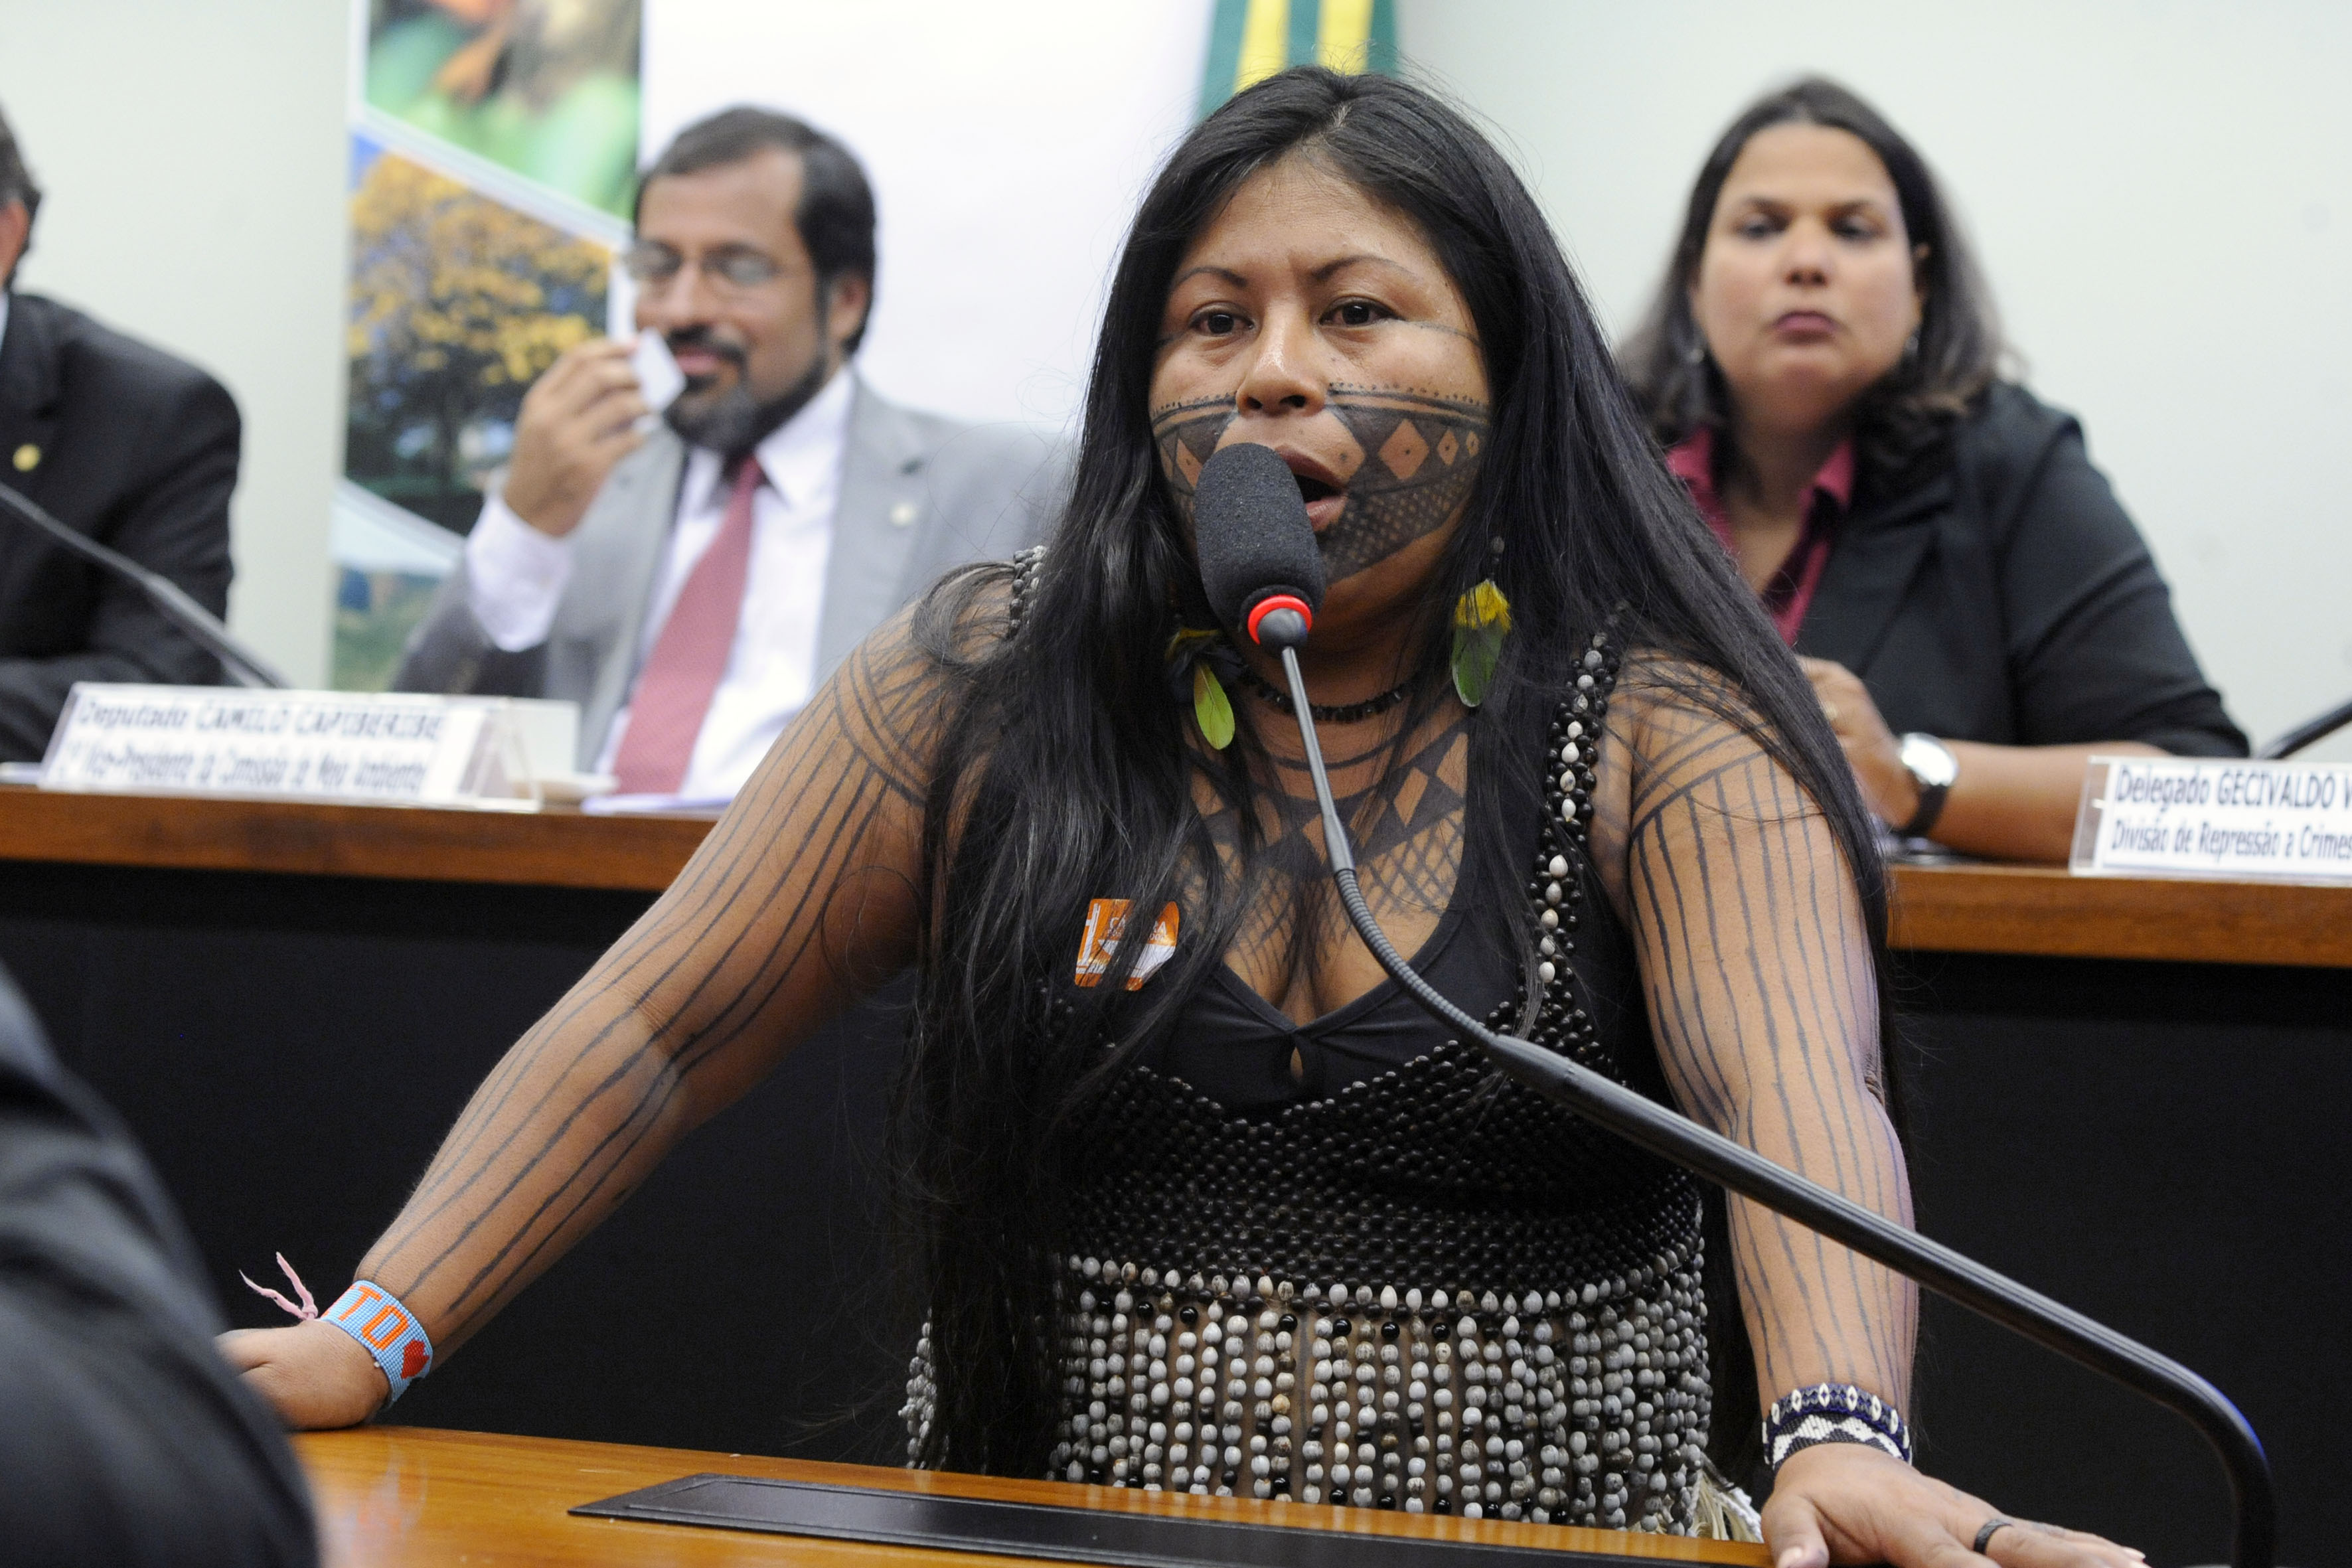 Audiência pública debater a mineração da região do Rio Tapajós no Estado do Pará. Ativista Indígena, Alessandra Korap Silva